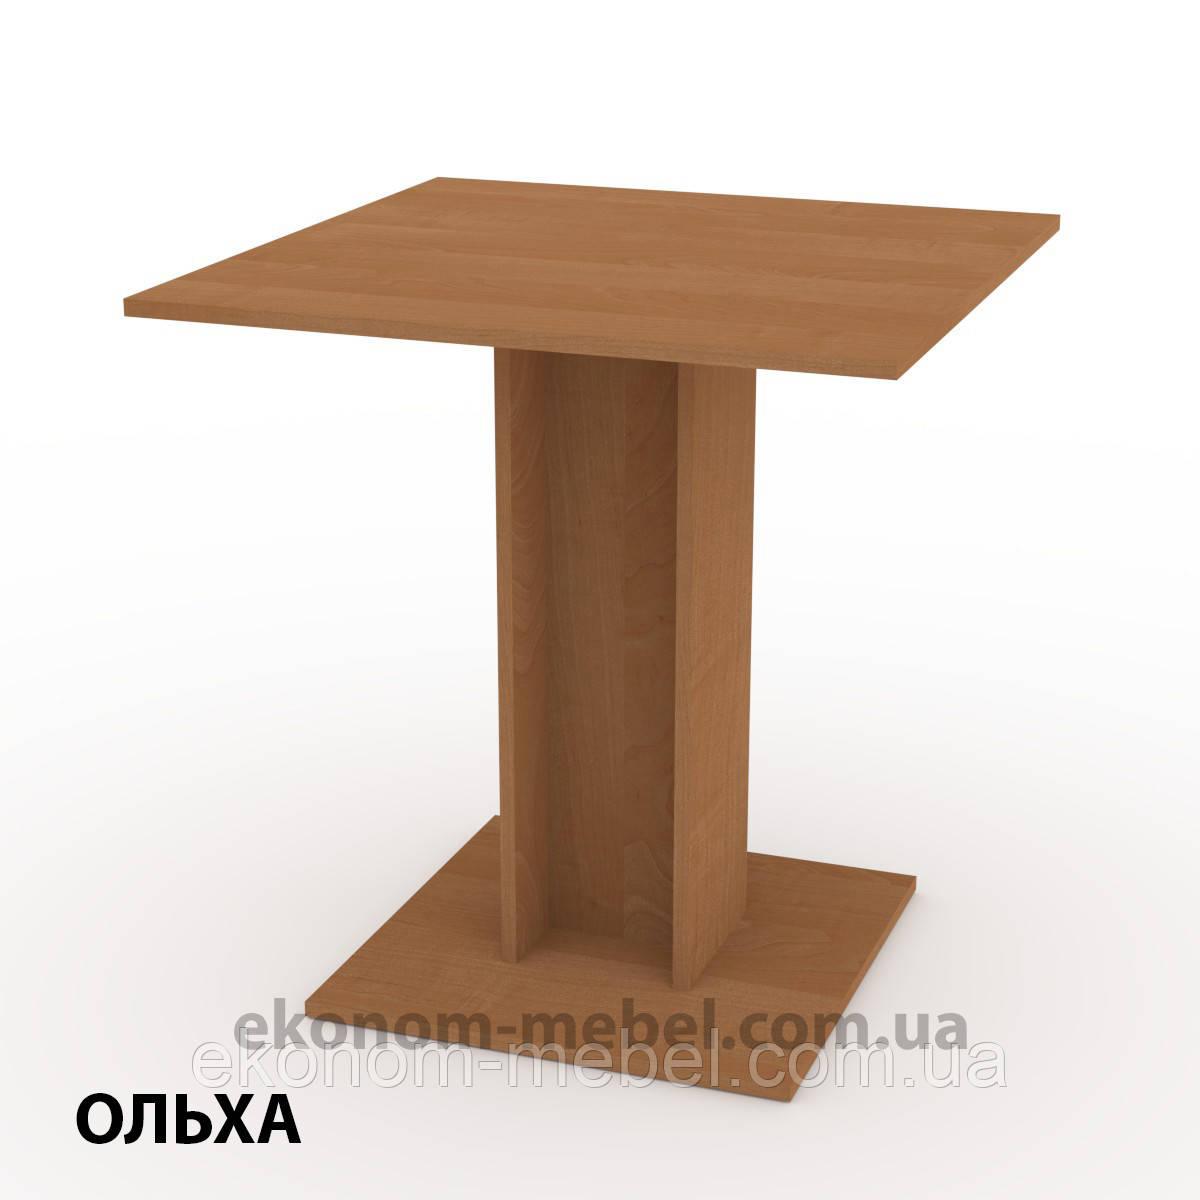 Кухонный стол КС-7 маленький нераскладной